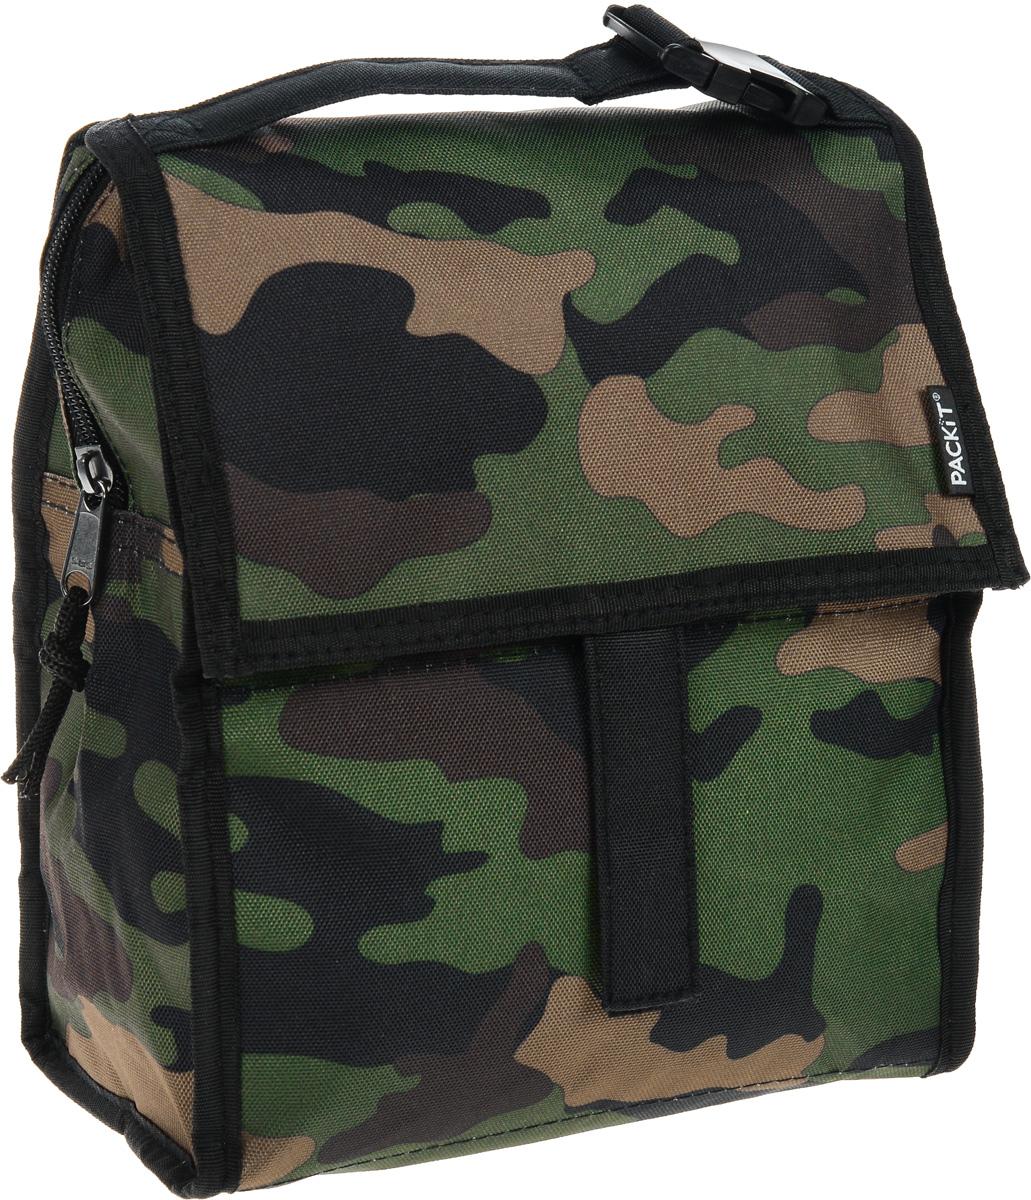 Сумка-холодильник Packit Lunch Bag, складная, цвет: хаки, 4,5 л. 0008Packit0008Сумка-холодильник Packit Lunch Bag предназначена для транспортировки и хранения продуктов и напитков. Охлаждает продукты как холодильник. Сумка изготовлена из ПВХ, BPA-Free (без содержания бисфенол А), внутренняя поверхность - из специального термоизоляционного материала, который надежно удерживает холод внутри. Для удобной переноски сумка снабжена ручкой с пластиковой защелкой. Сумка-холодильник закрывается на застежку-молнию, клапаном и фиксируется липучками. Сохраняет температуру до 10 часов. Размер сумки (в разложенном виде): 21 х 13,5 х 24 см. Размер сумки (в сложенном виде): 21 х 6 х 13 см.